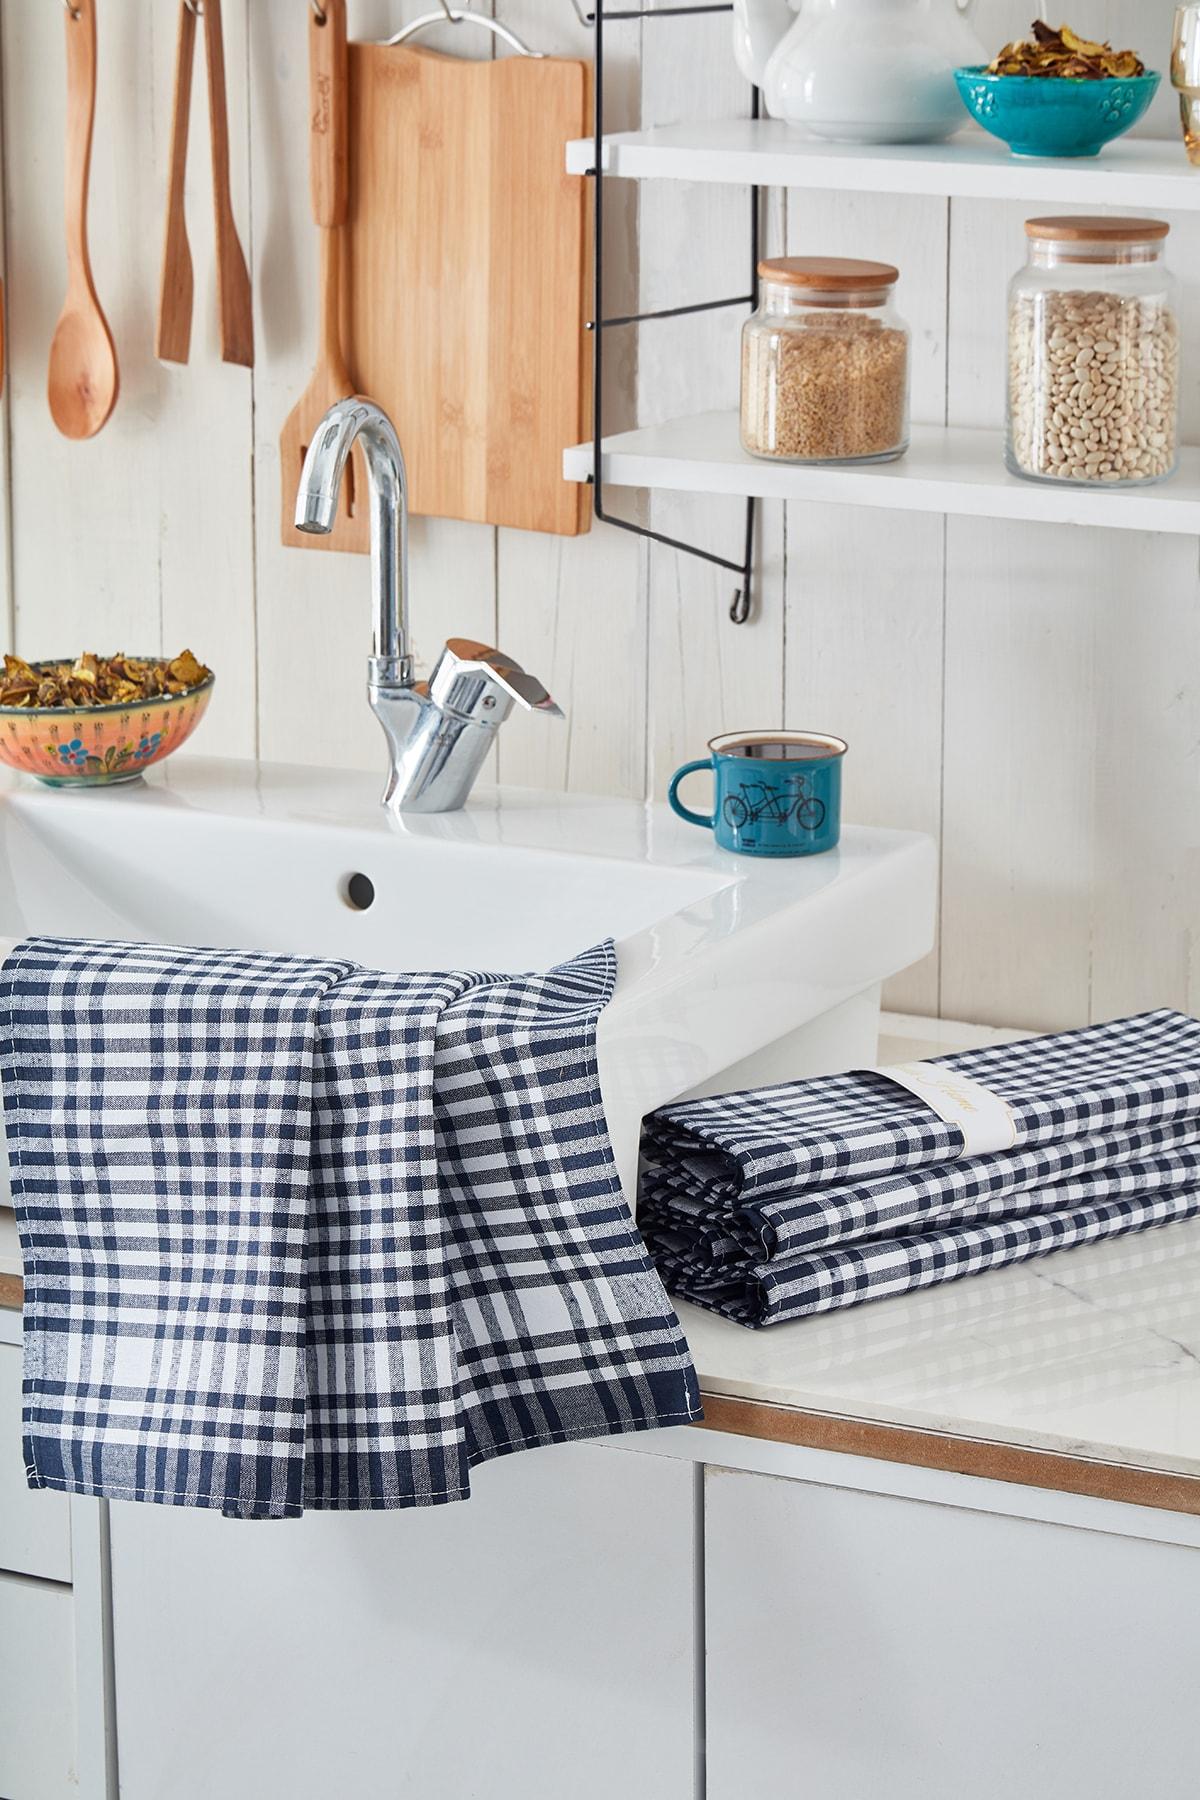 4'lü Mutfak Peçetesi Seti Koyu Mavi Renk Pöti Kareli Desen